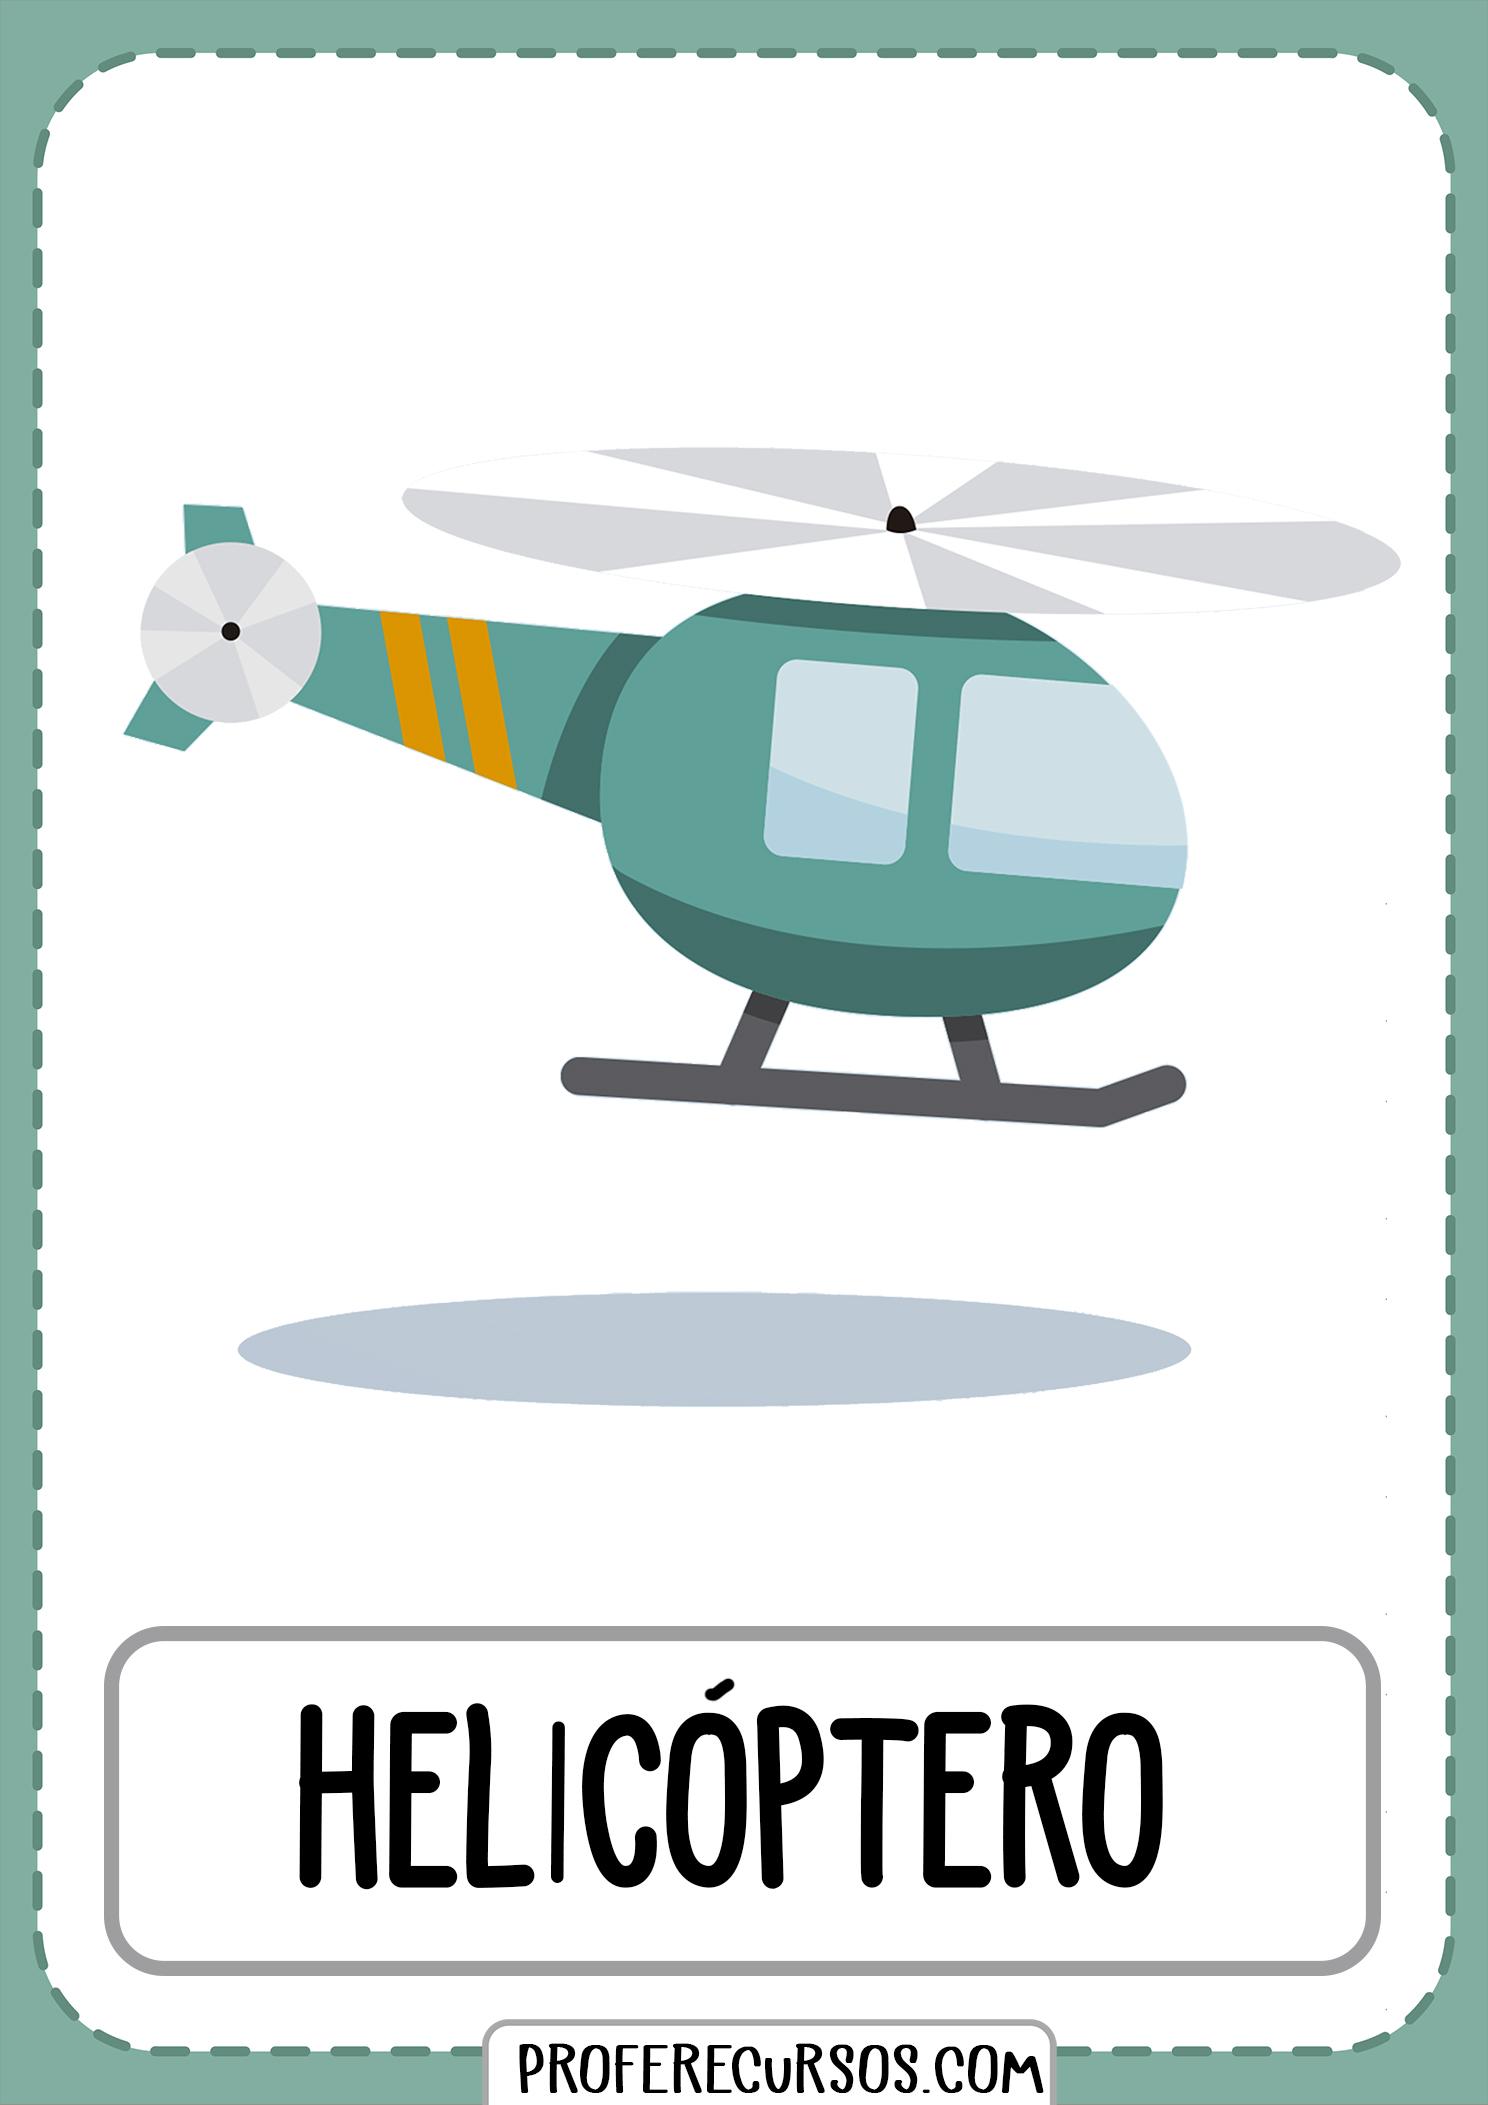 Tarjetas-vocabulario-medios-transporte-helicoptero